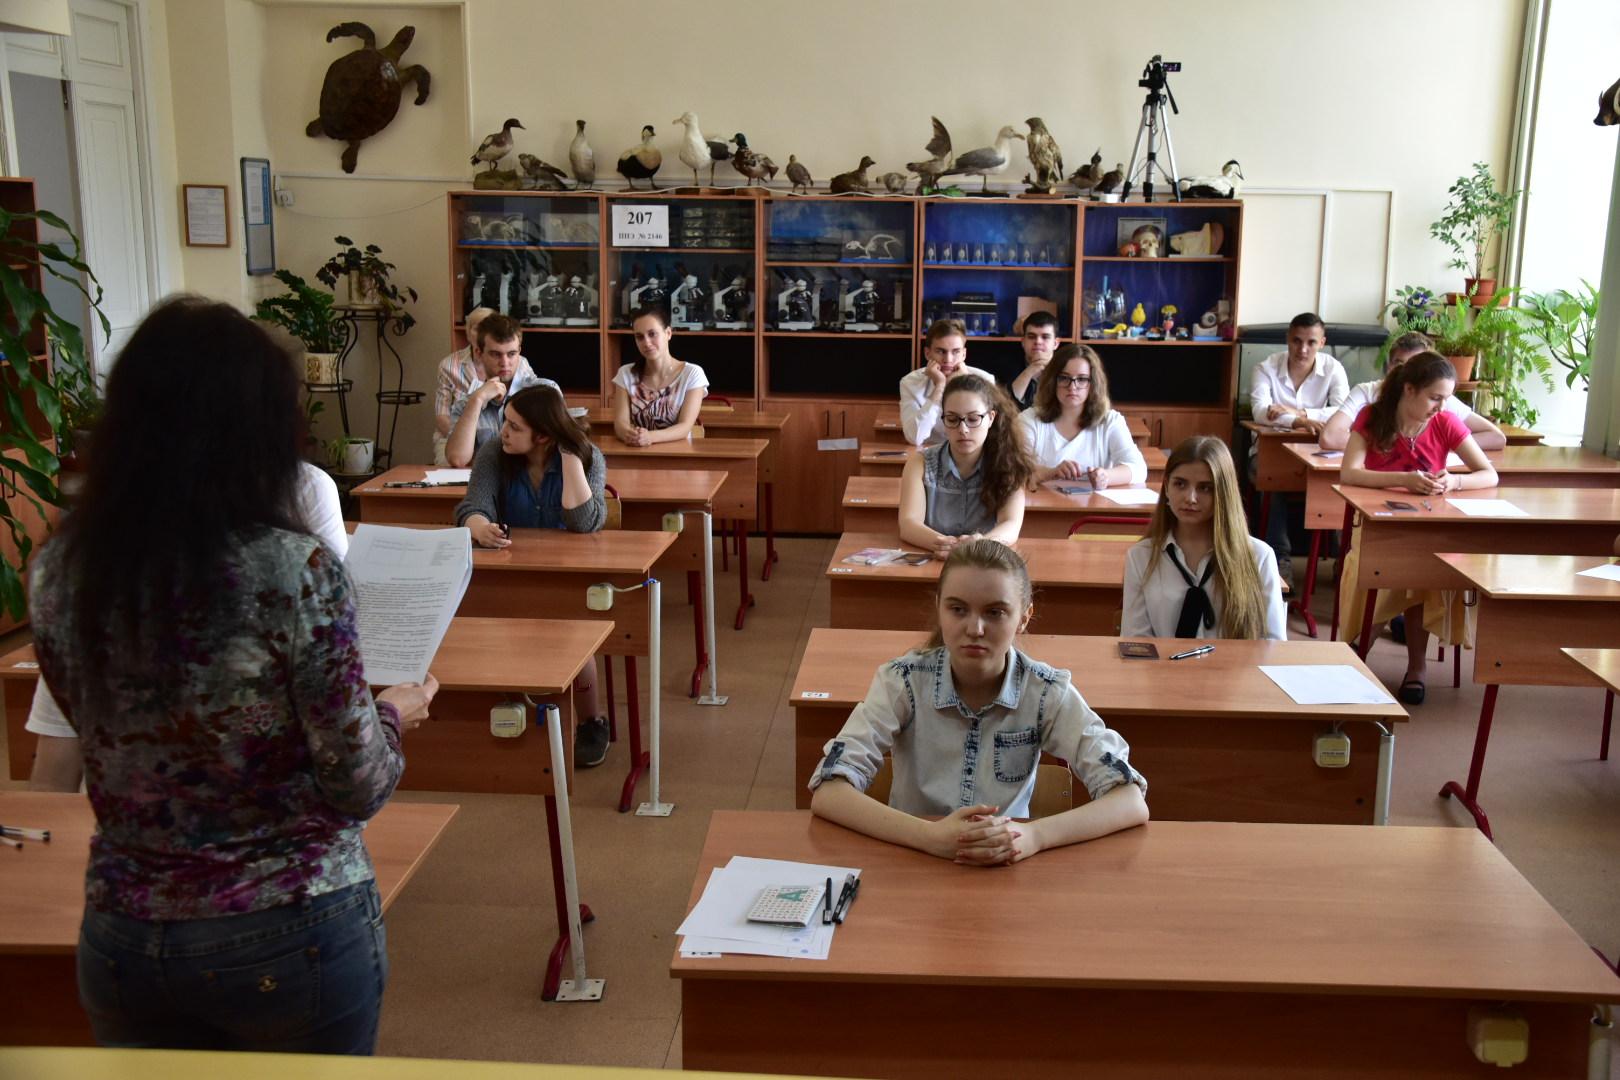 Мастер-классы в школе 2070 прошли во время новогодних каникул - Совет депутатов и администрация поселения Воскресенское - Совет